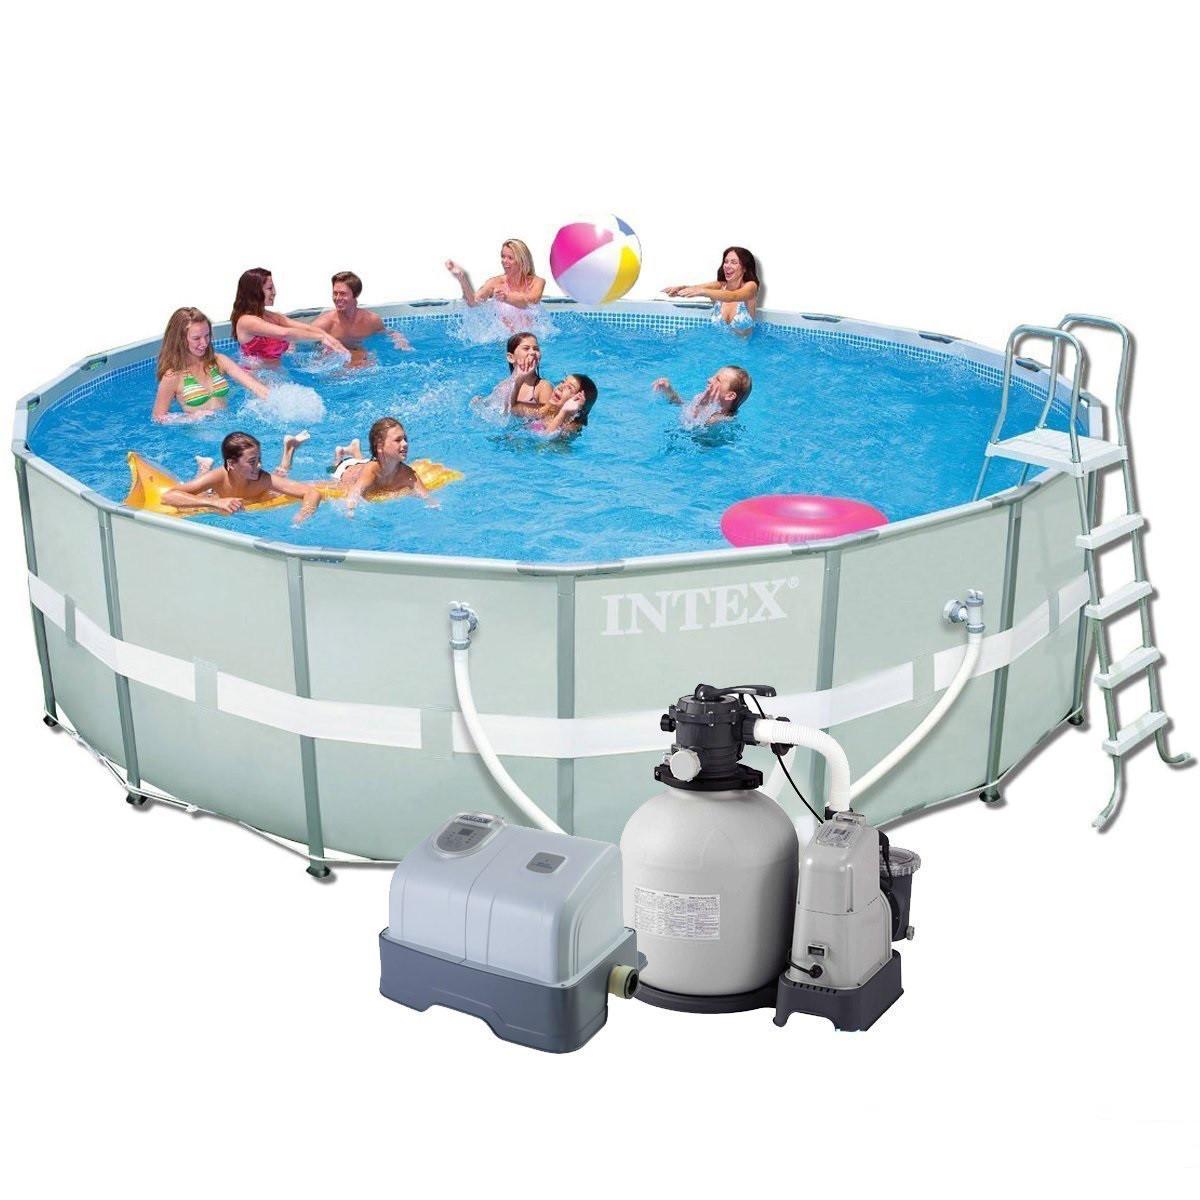 Каркасный бассейн Intex Ultra Frame Pool 549х132 см Басейн круглый